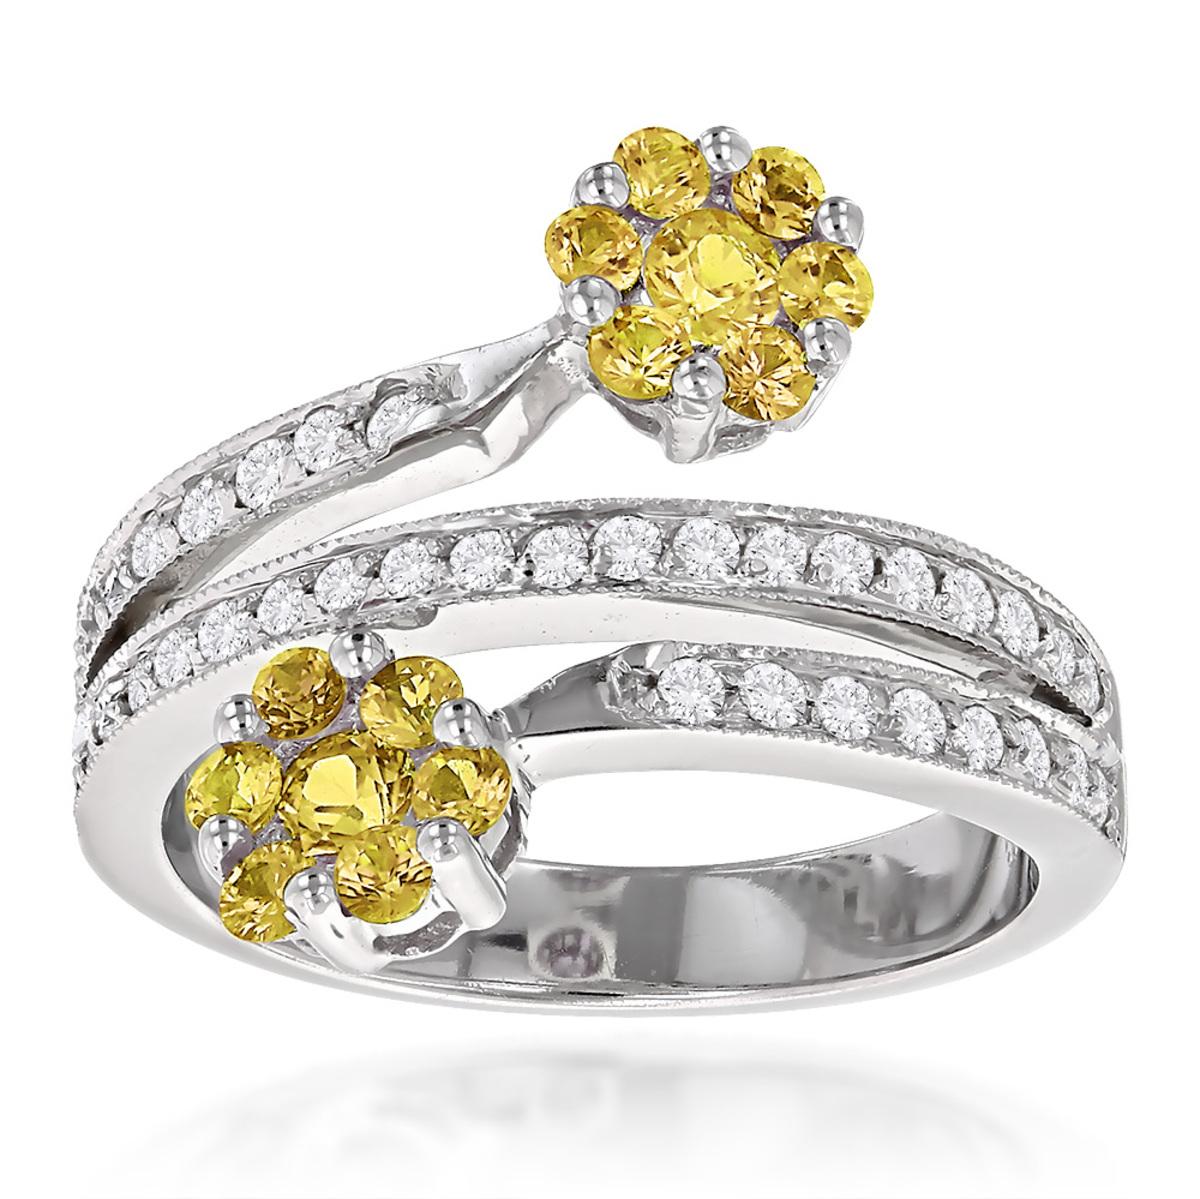 14K White Gold Right Hand Diamond Ladies Ring 1ct Yellow Topaz